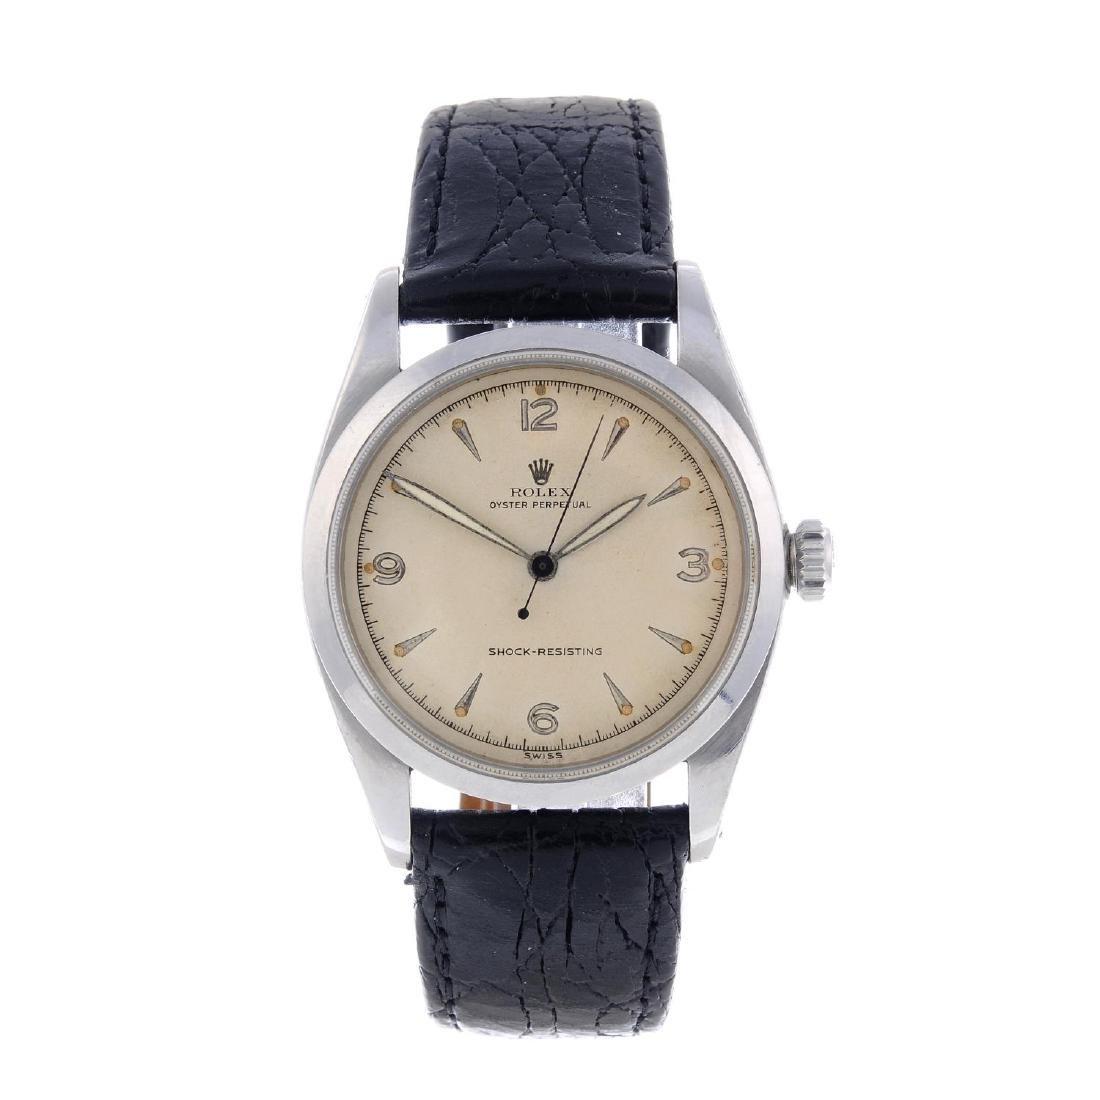 ROLEX - a gentleman's Oyster Perpetual wrist watch.